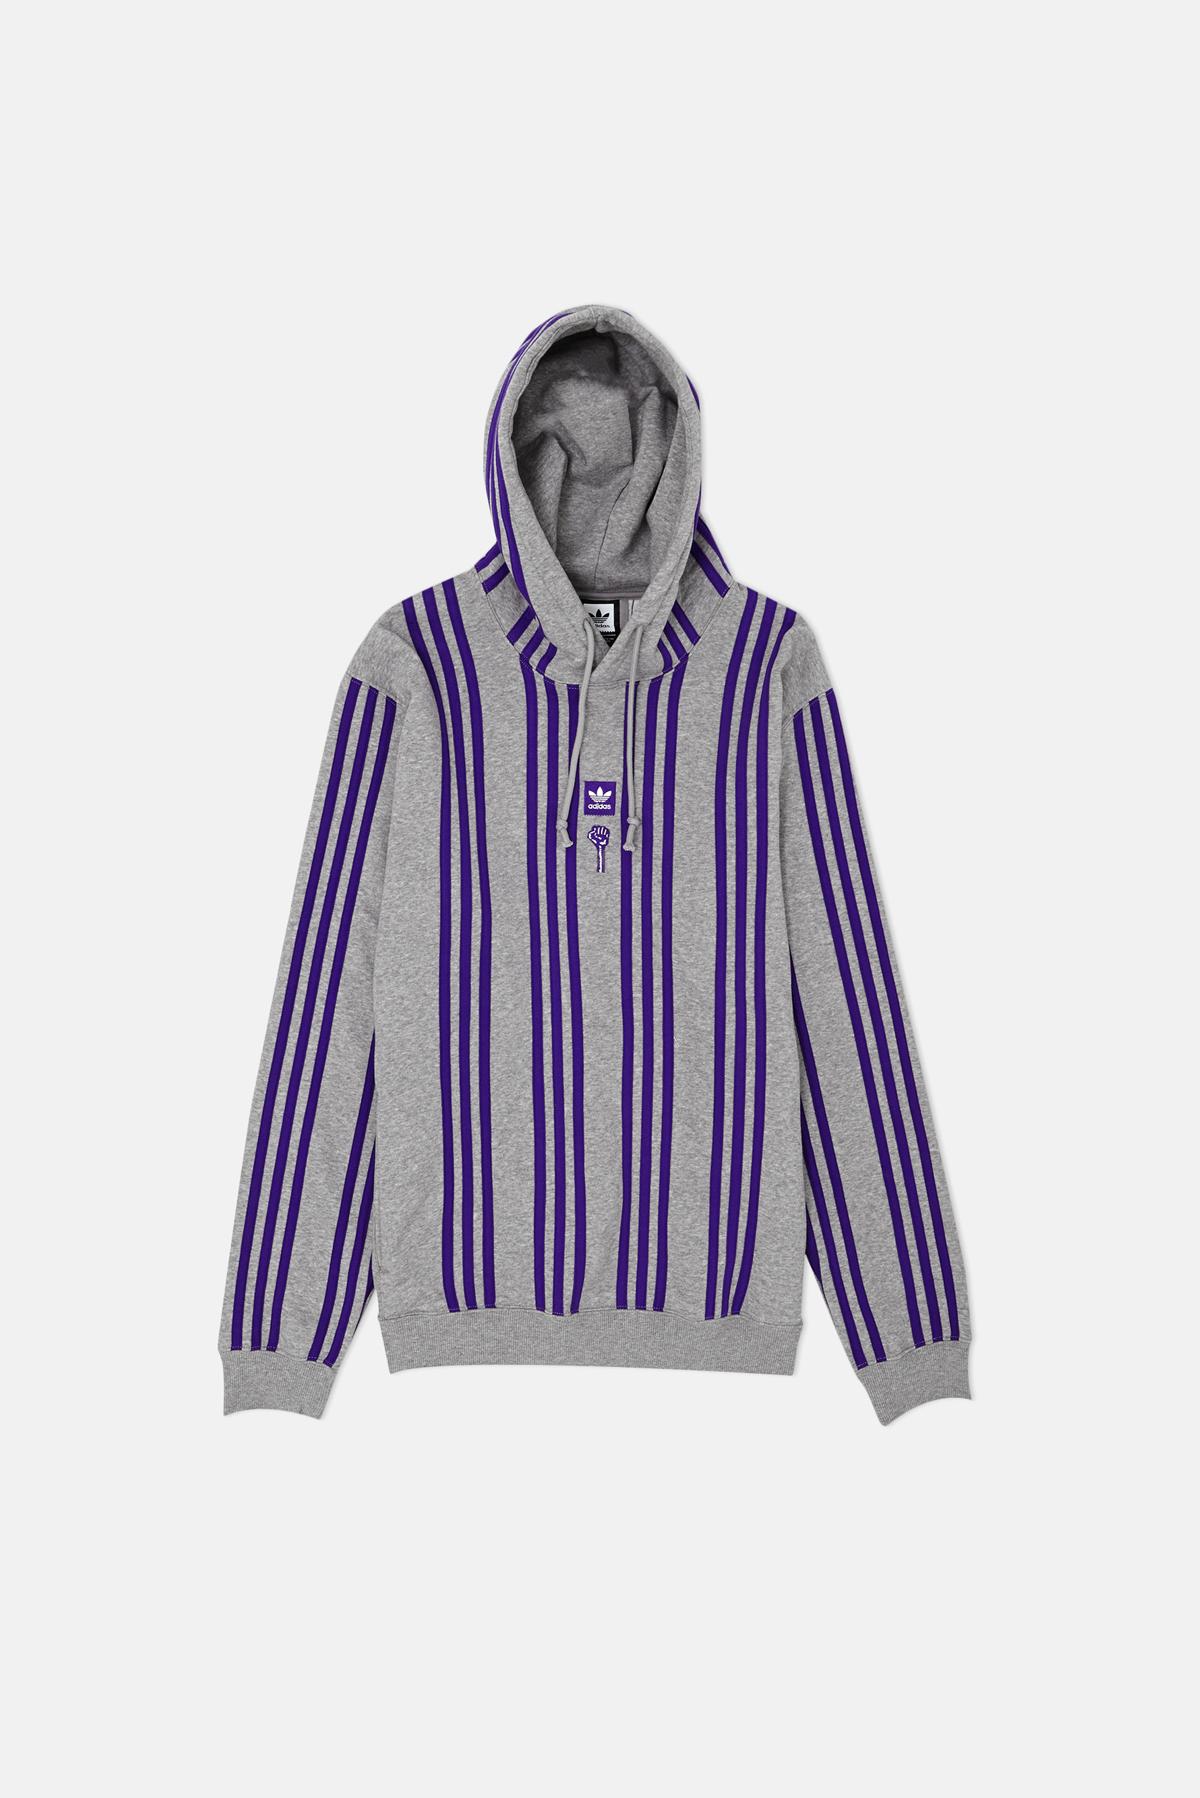 adidas x hardies hoodie